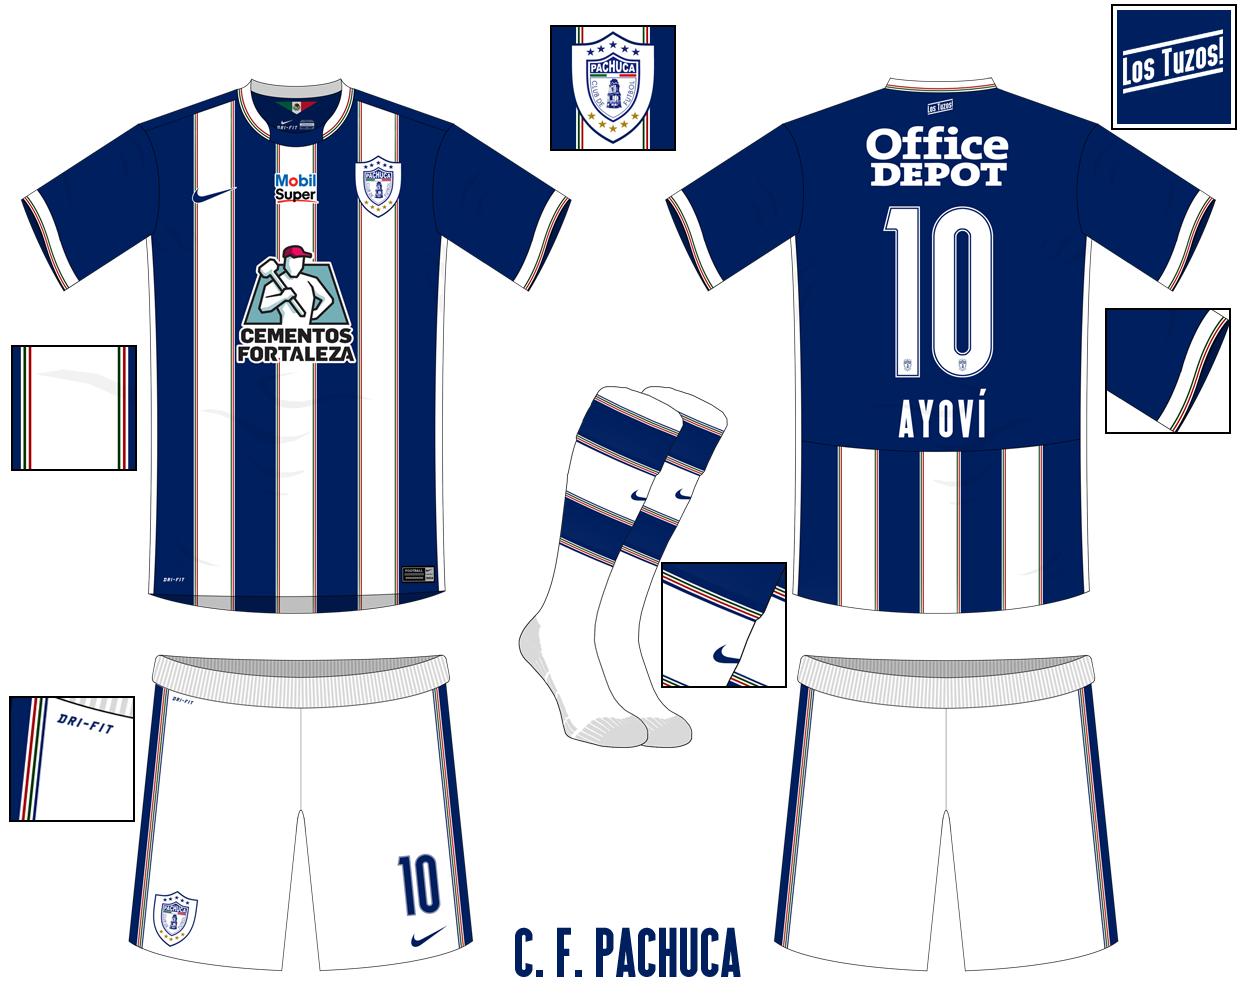 f54af96adb8 Azure League Week 1 - C.F. Pachuca